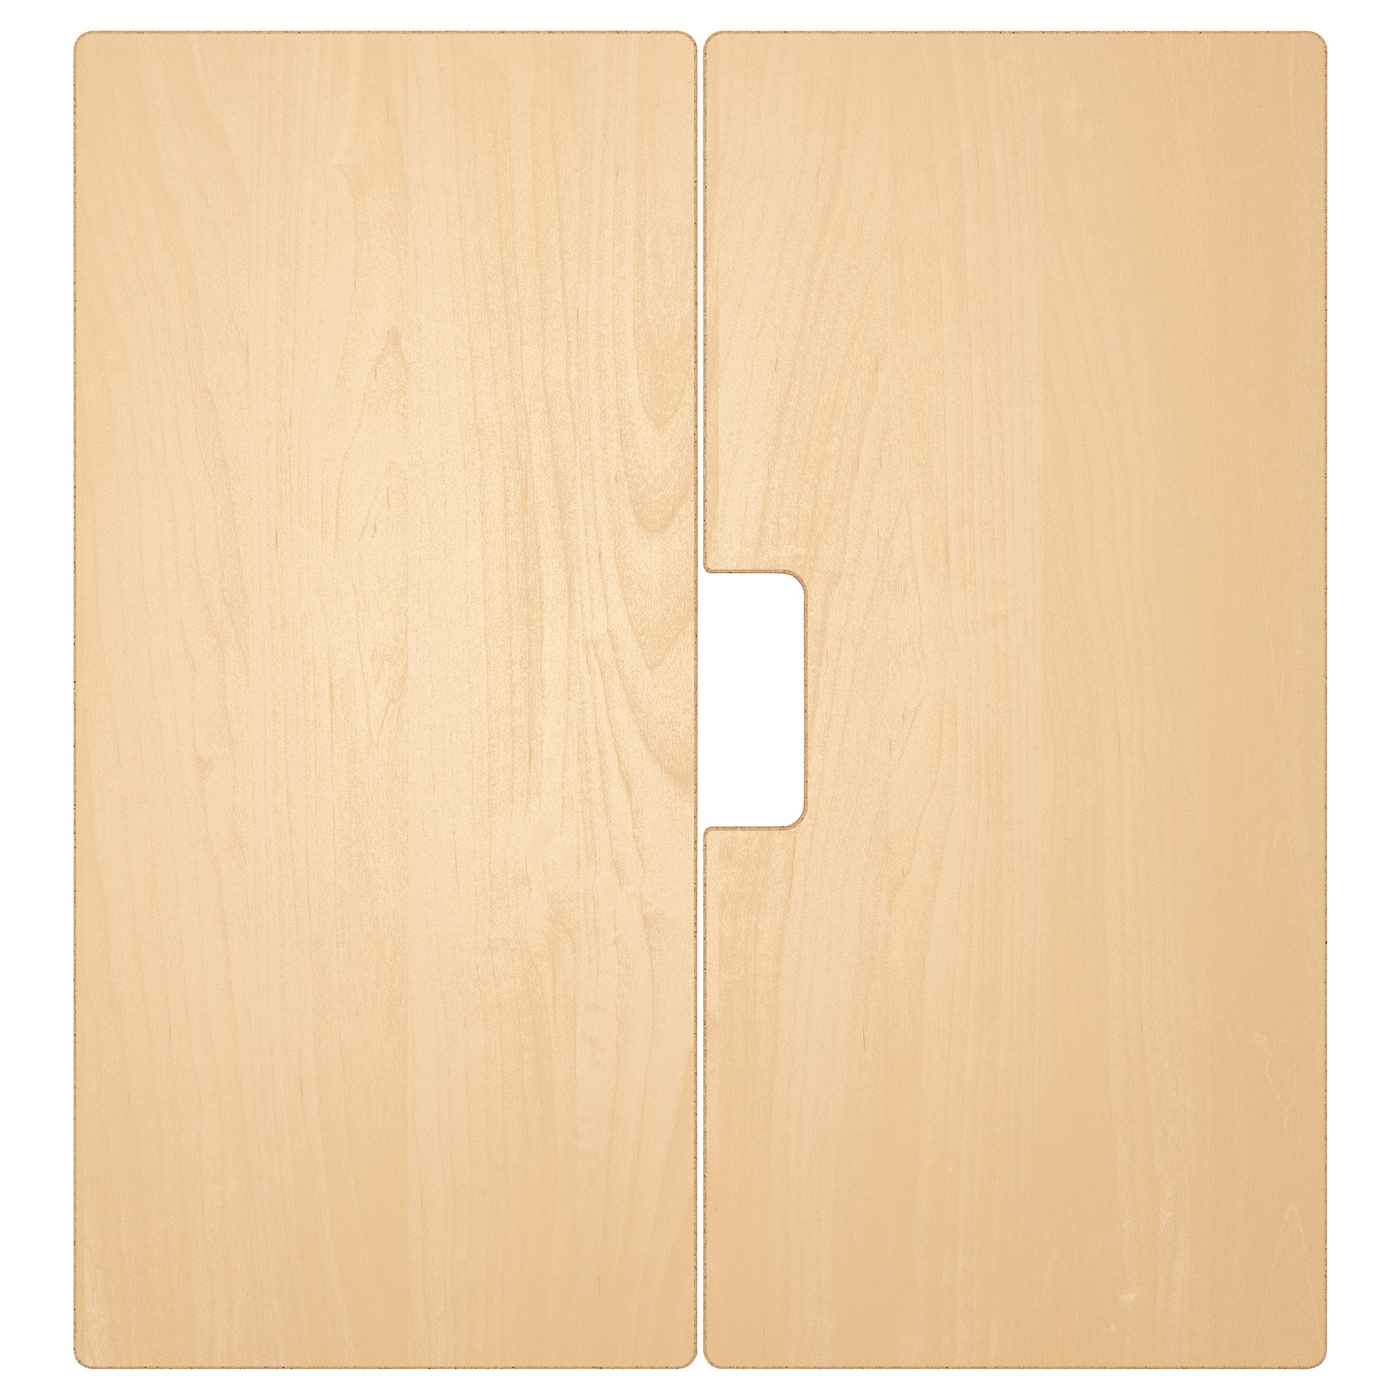 STUVA MÅLAD Dveře (602.522.74) od Ikea CZ